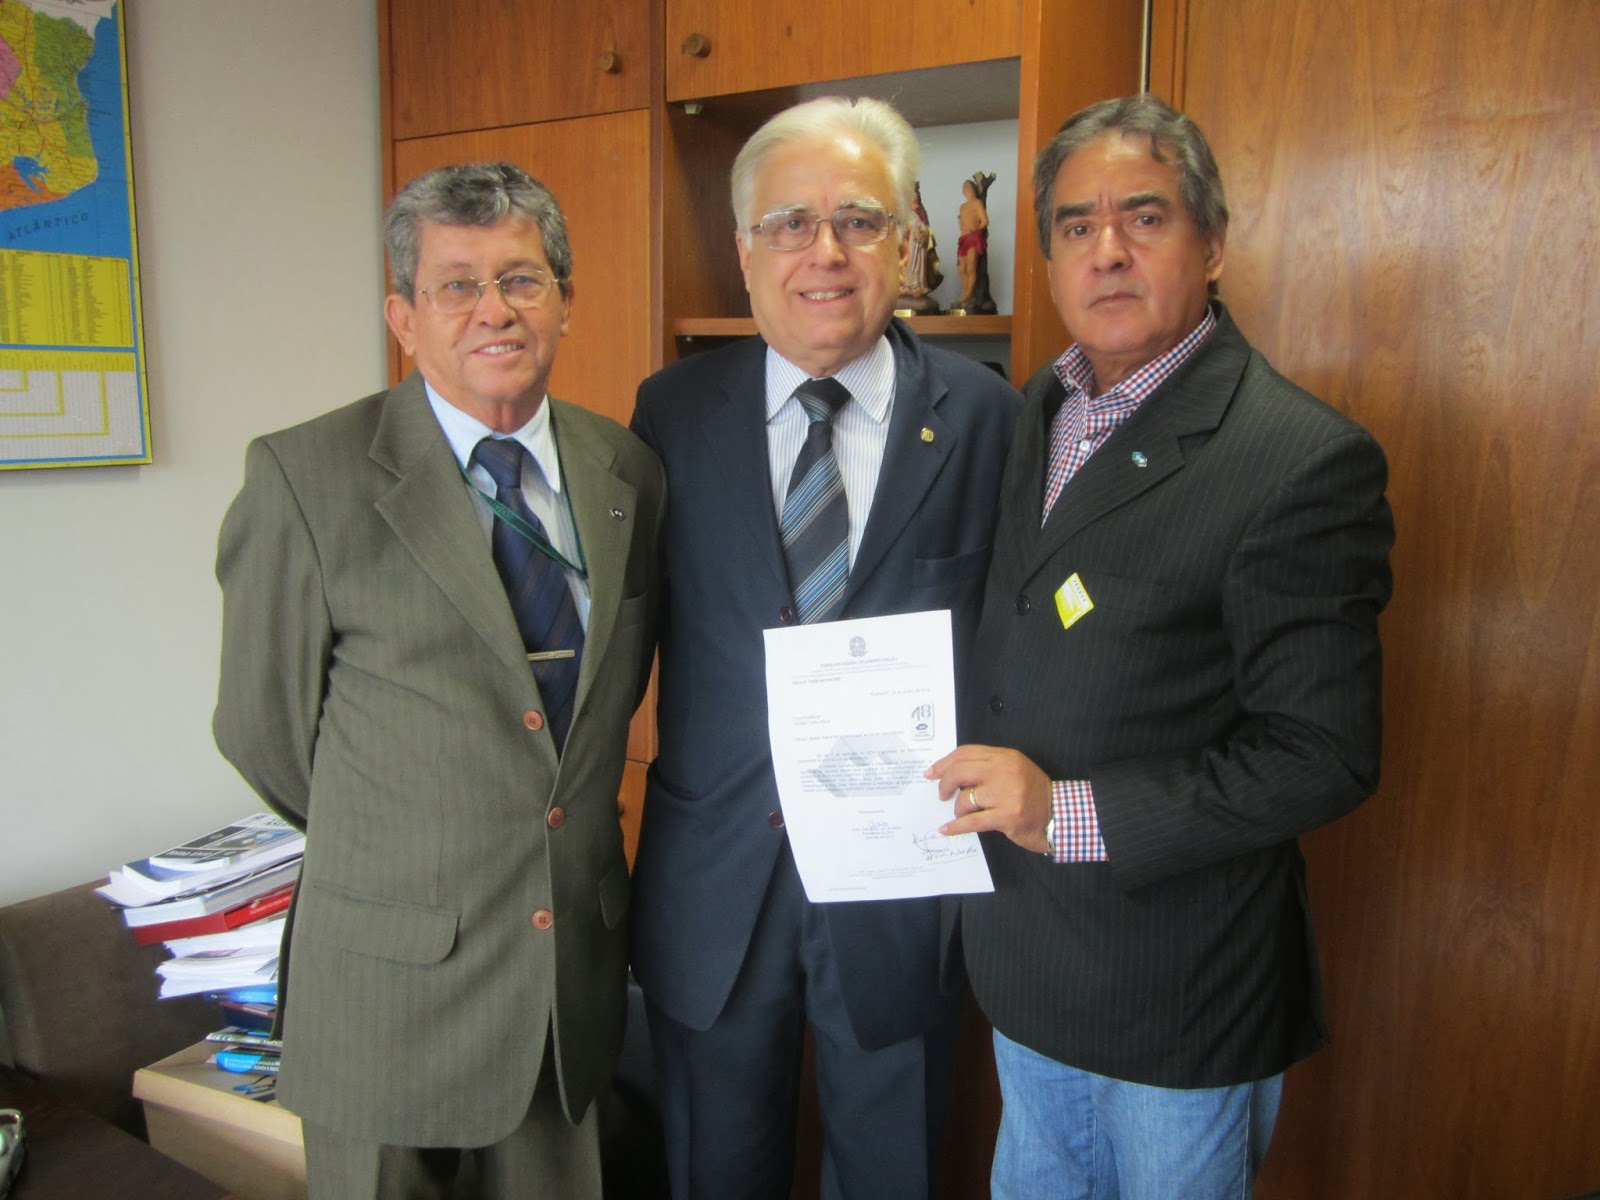 Com o Presidente do Conselho Federal de Administração e o Diretor de Fiscalização e Registro